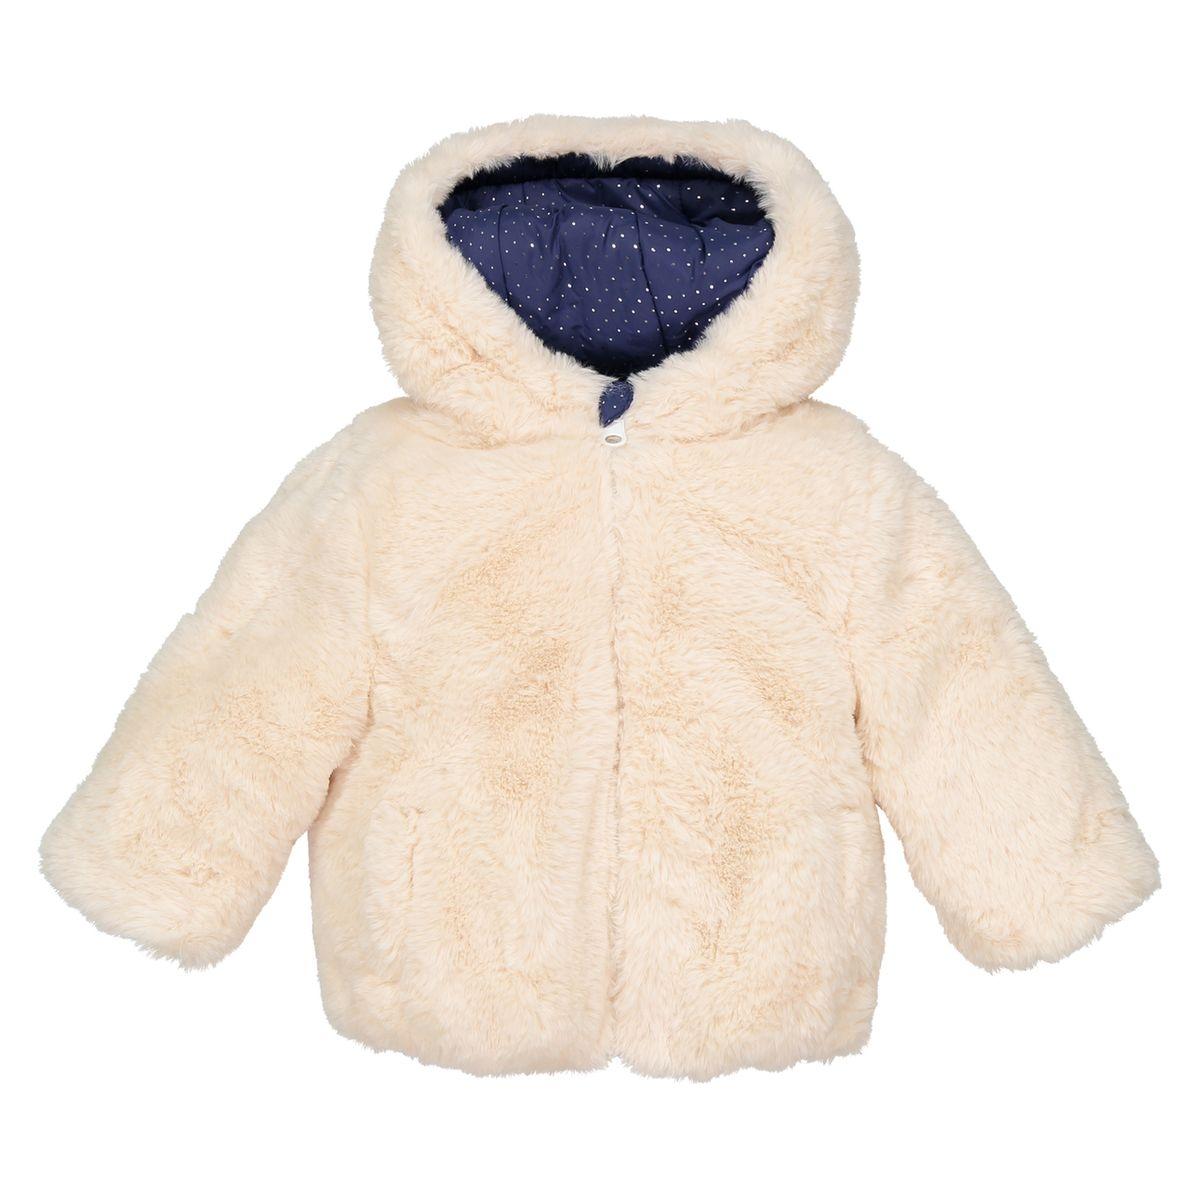 Manteau réversible imitation fourrure 3 mois-3 ans